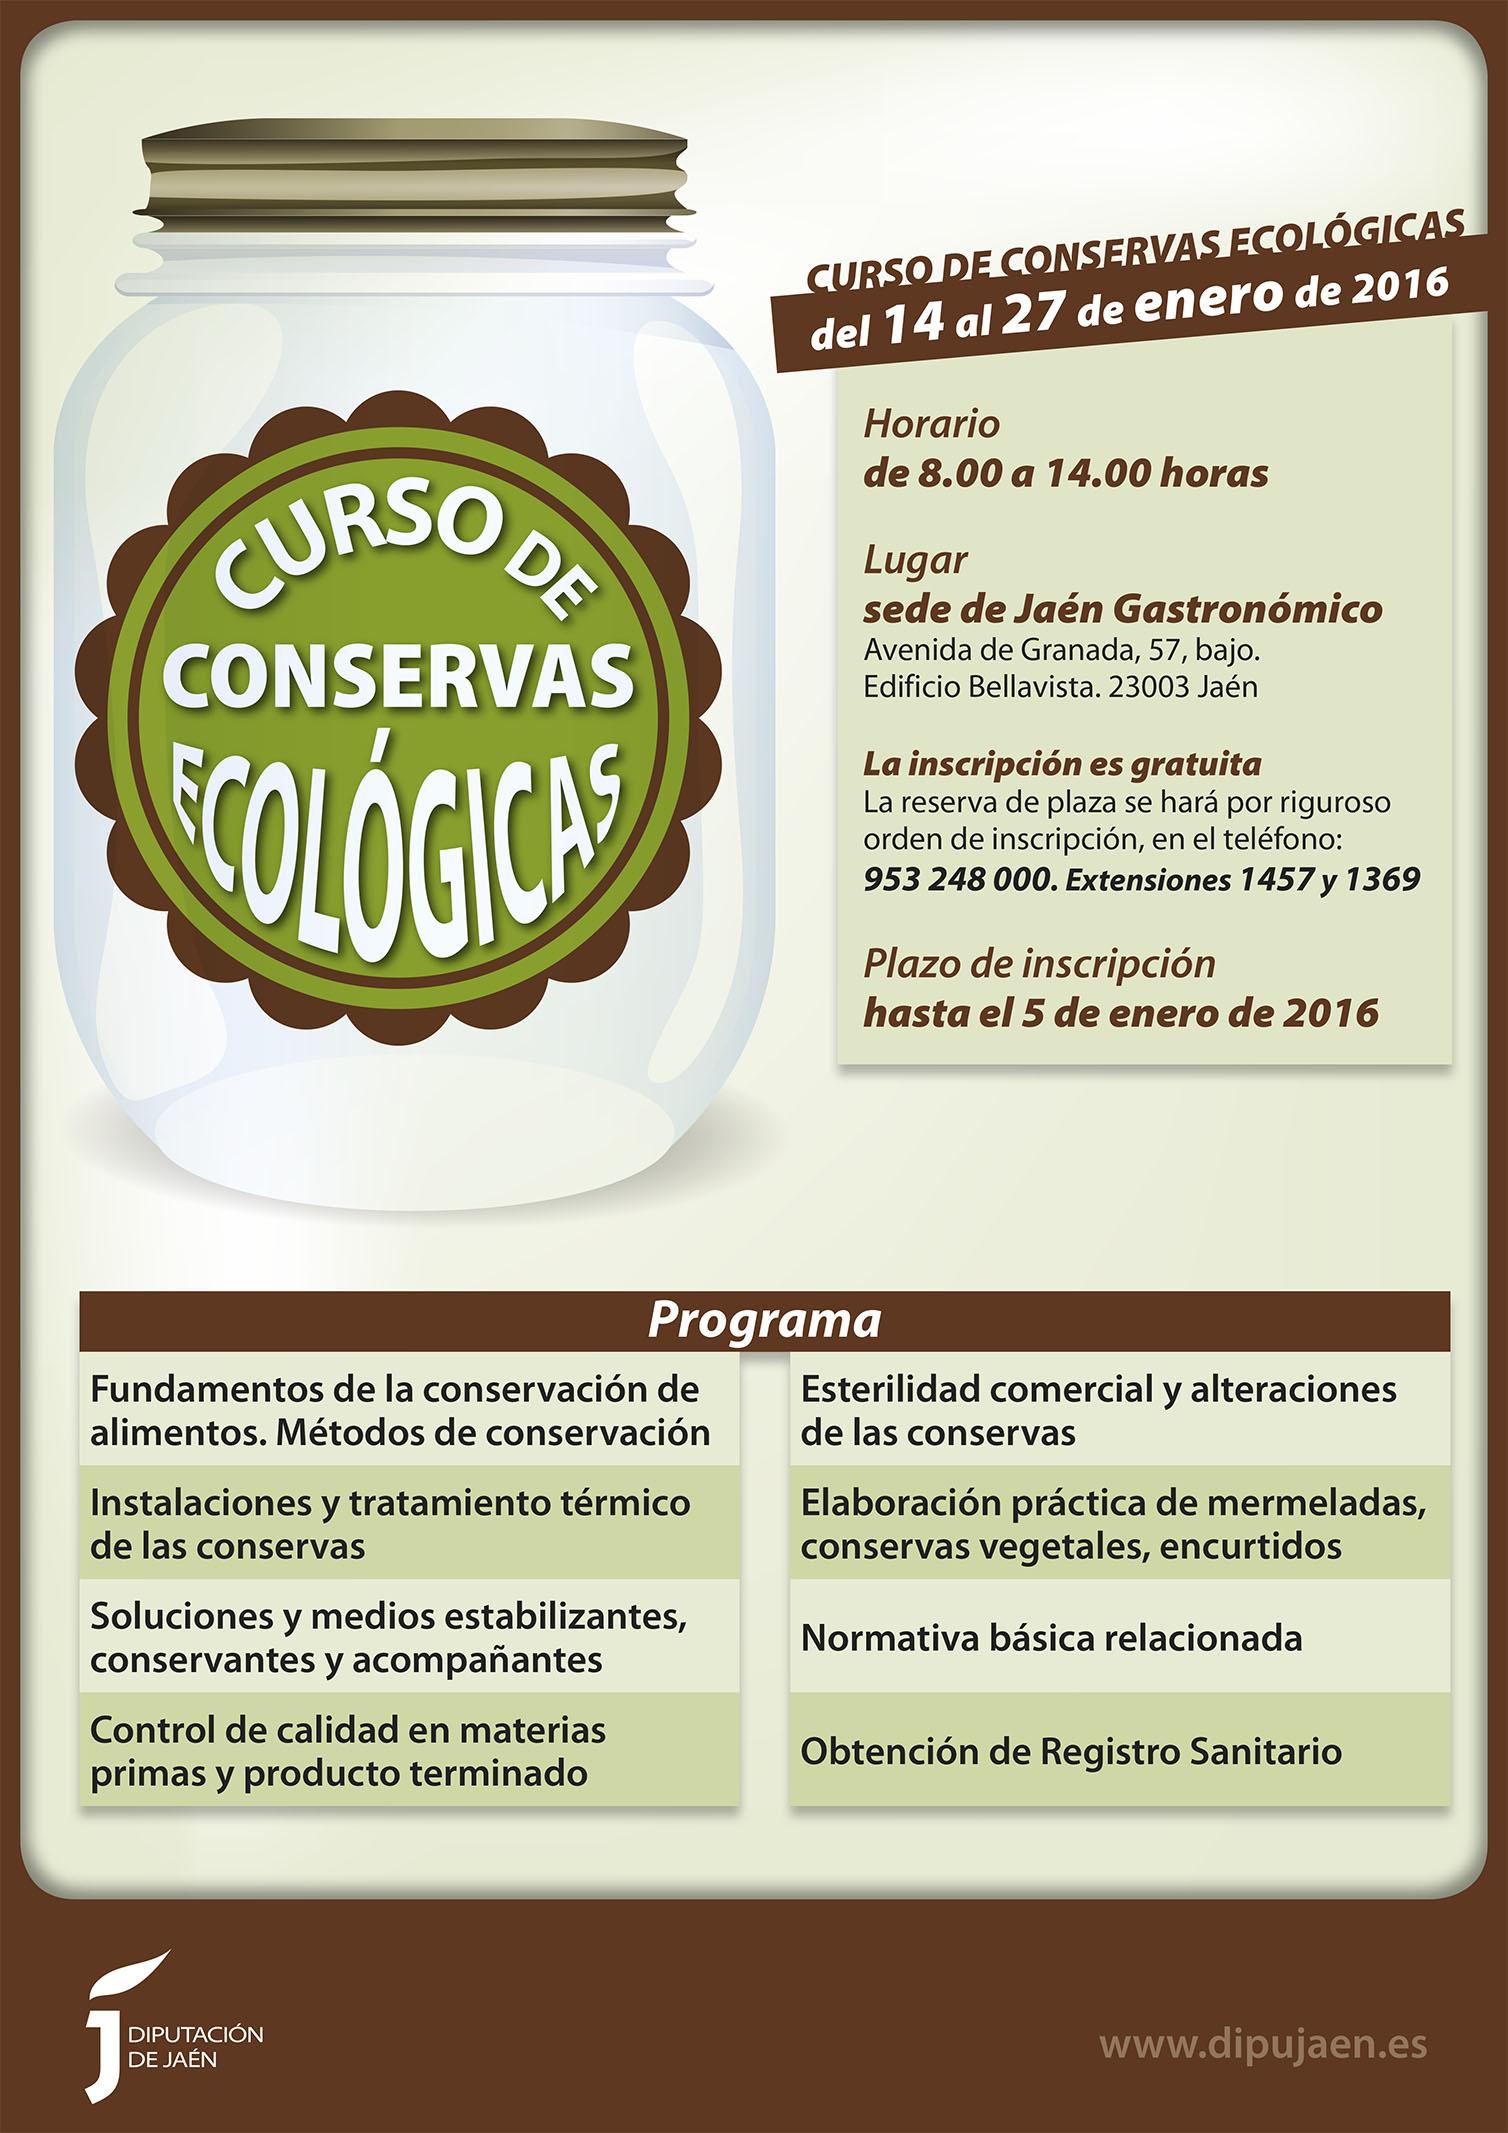 curso conservas ecologicas – cartel-BR